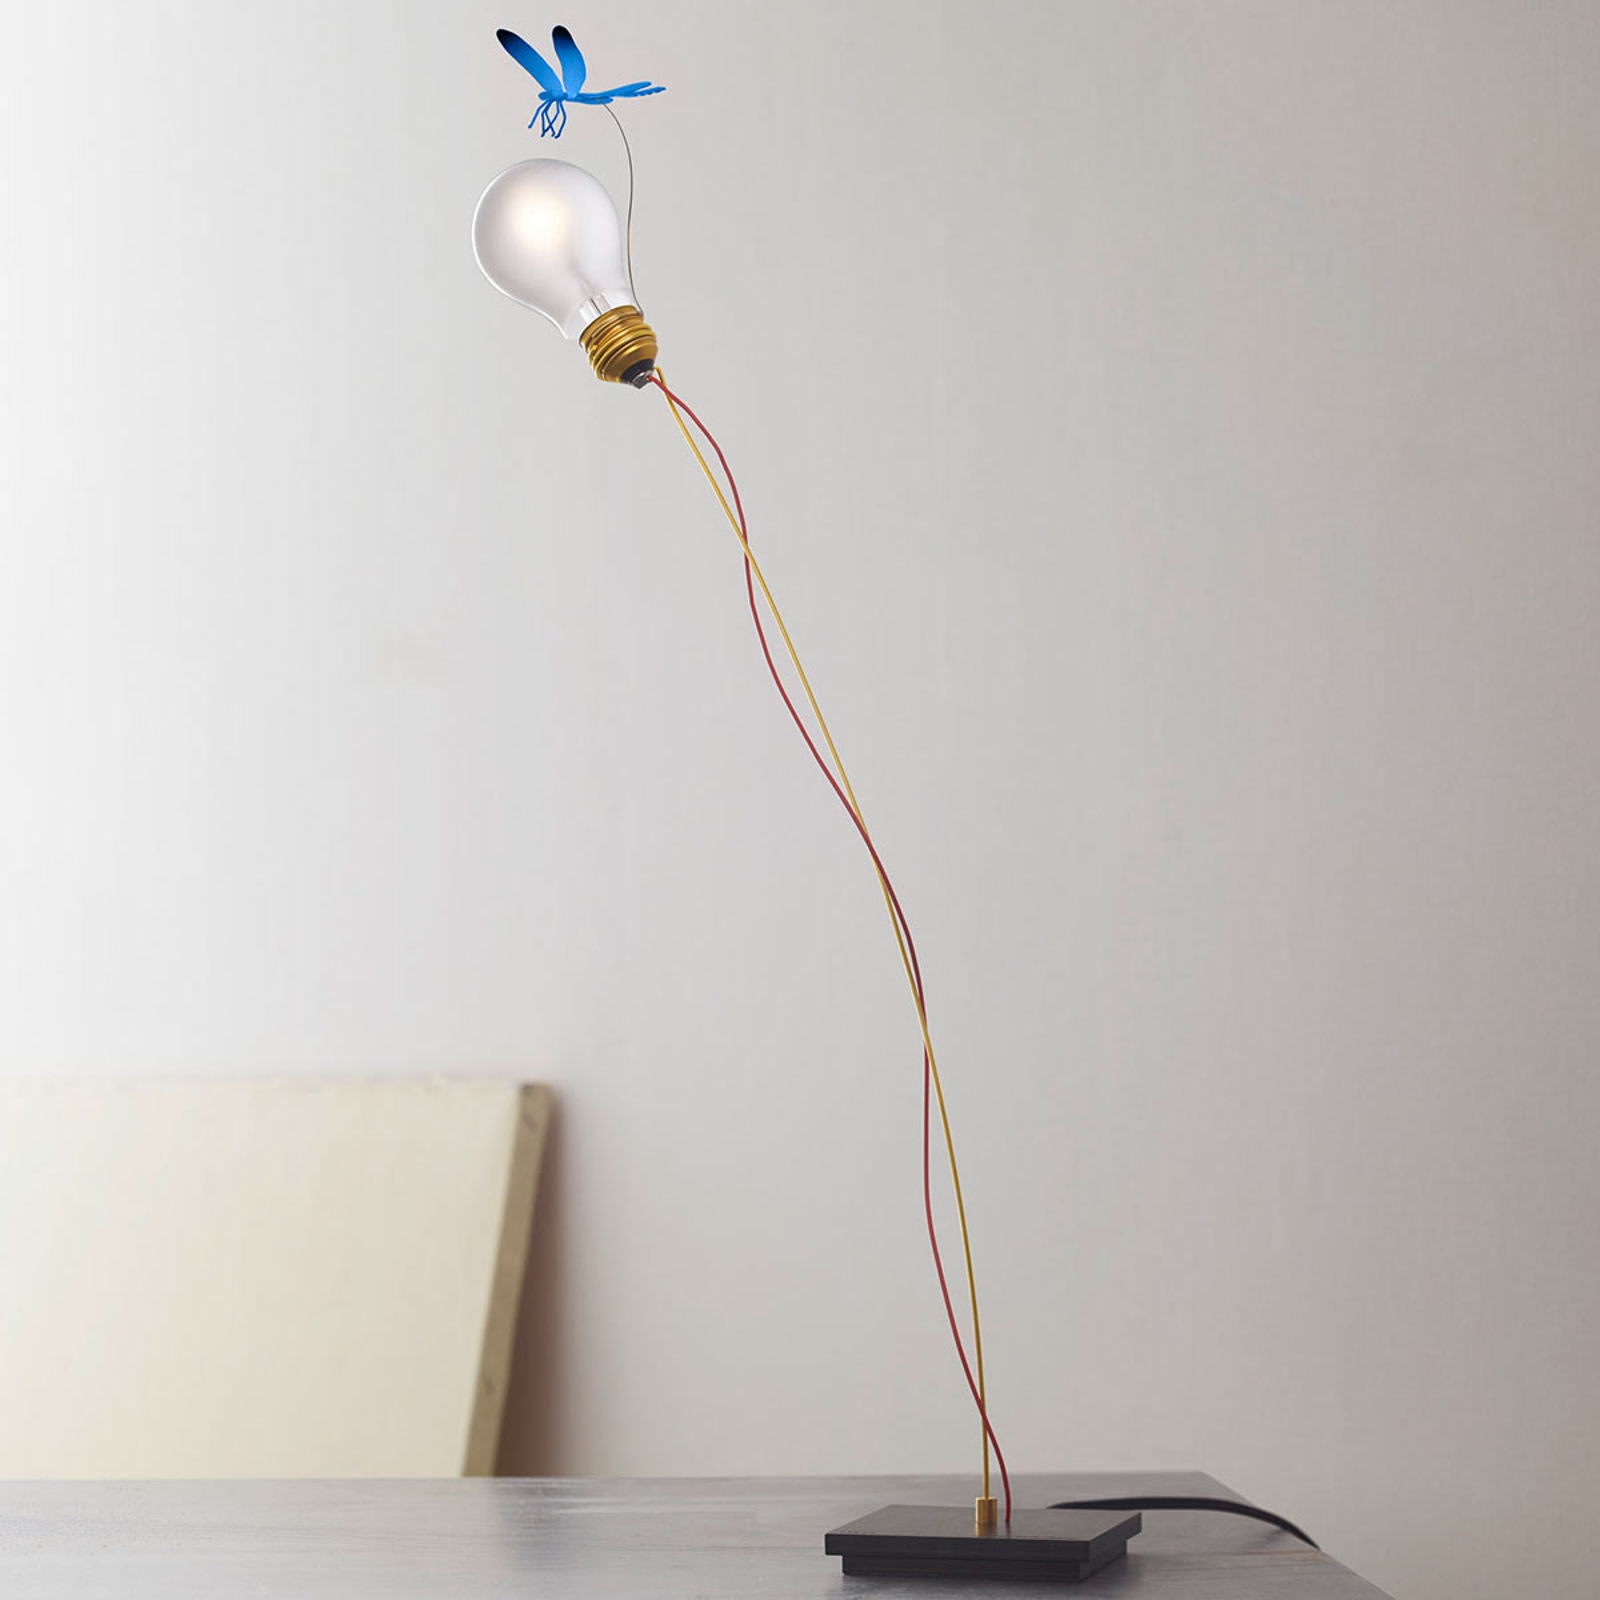 Bordlampe I Ricchi Poveri Bzzzz - blå libelle